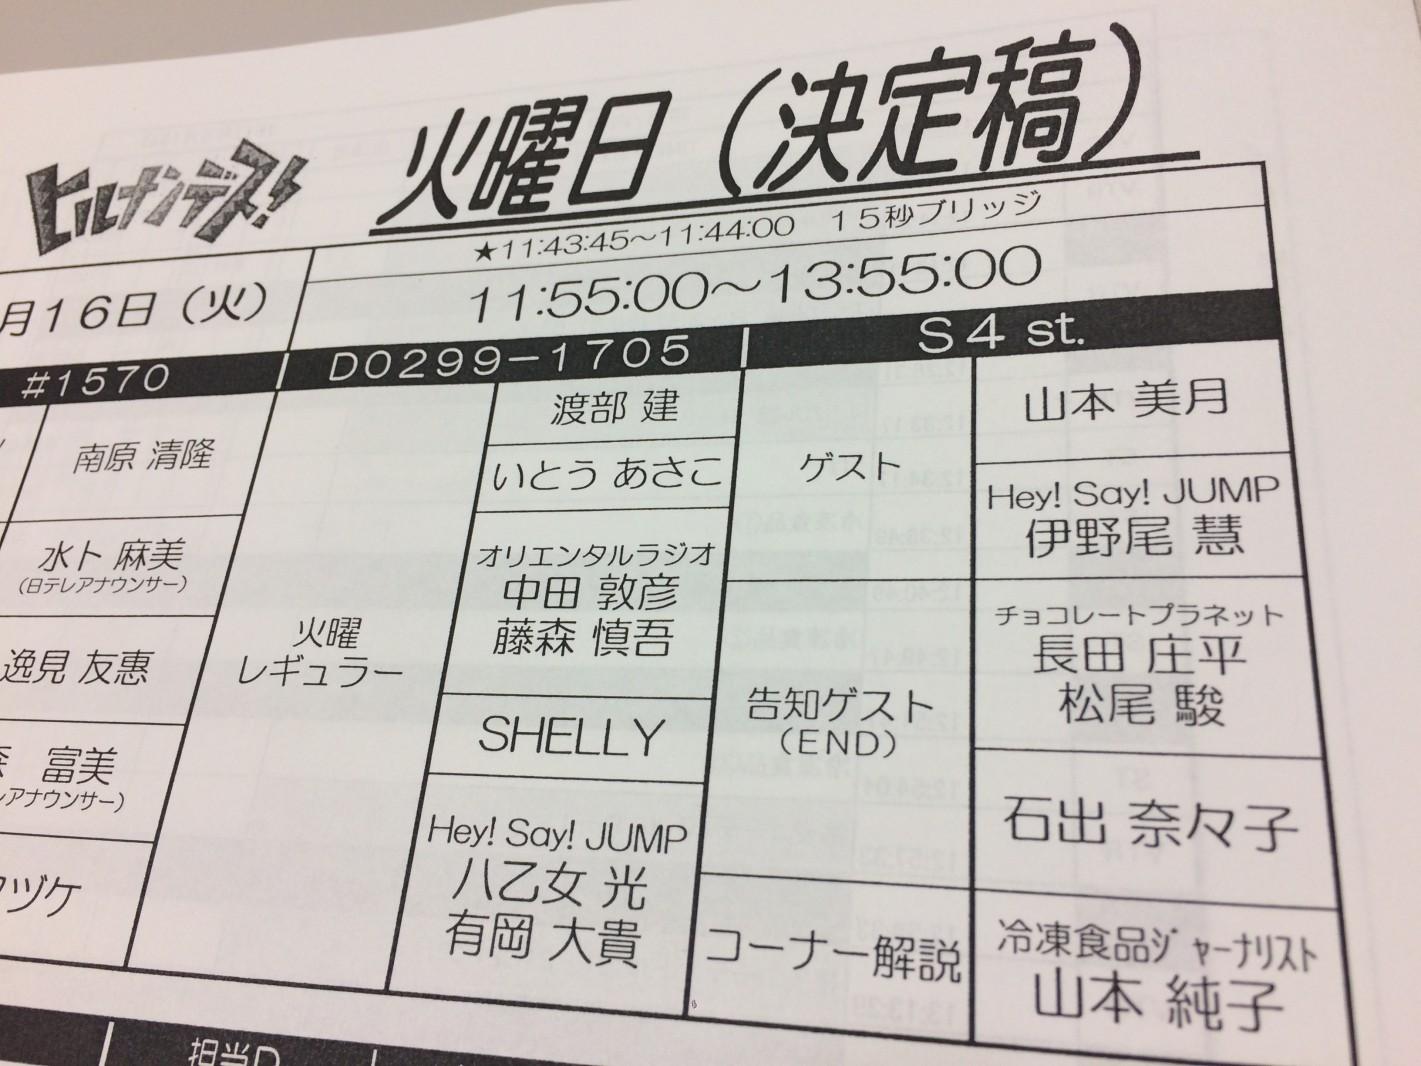 日本テレビ「ヒルナンデス」で冷凍食品トレンド!(5月16日、7回目)